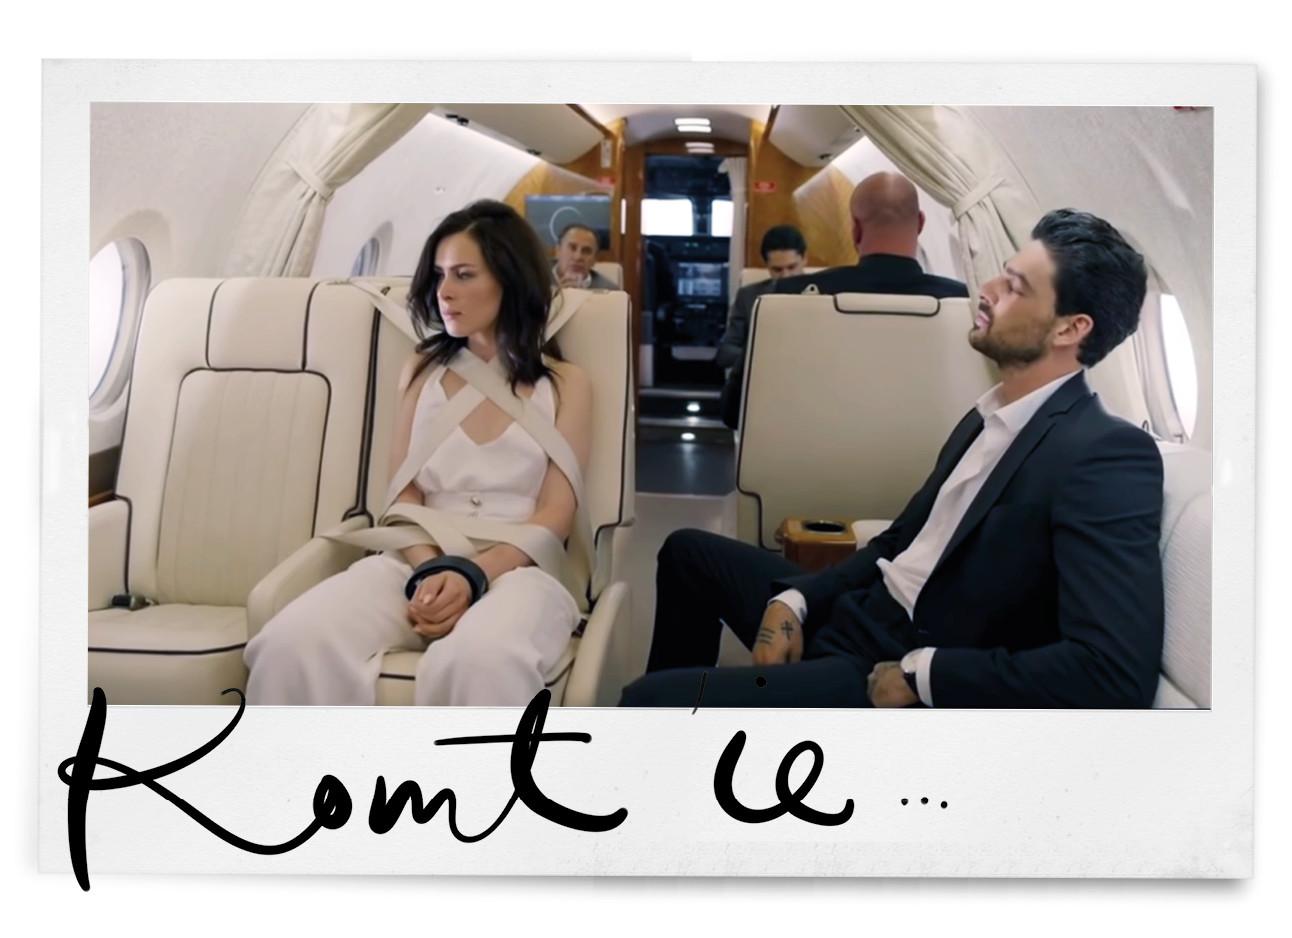 Man en vrouw in een vliegtuig 365 netflix